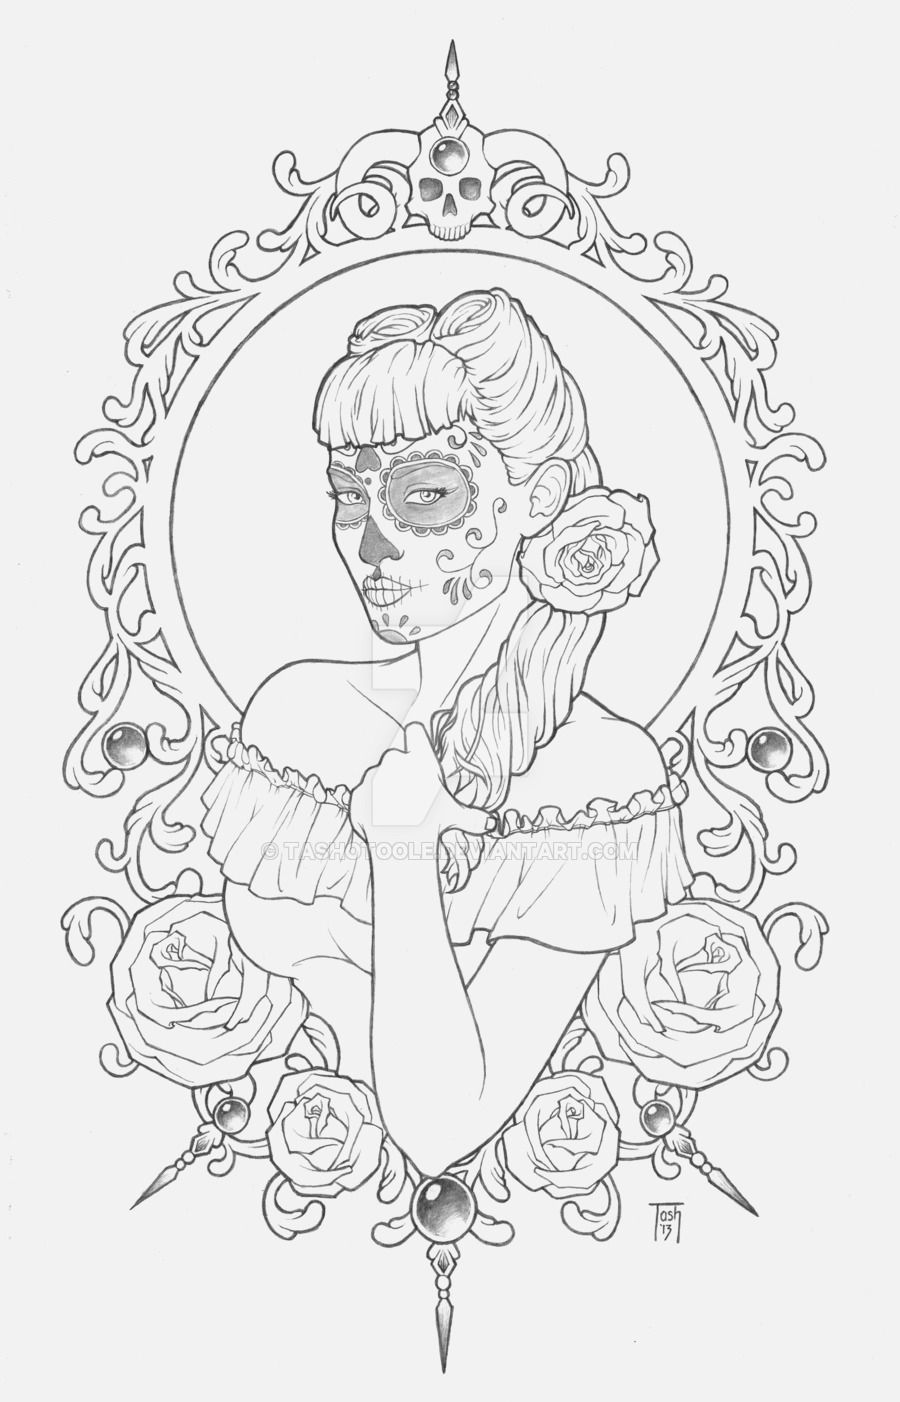 sugar skull by TashOToole.deviantart.com on @DeviantArt | Coloring ...